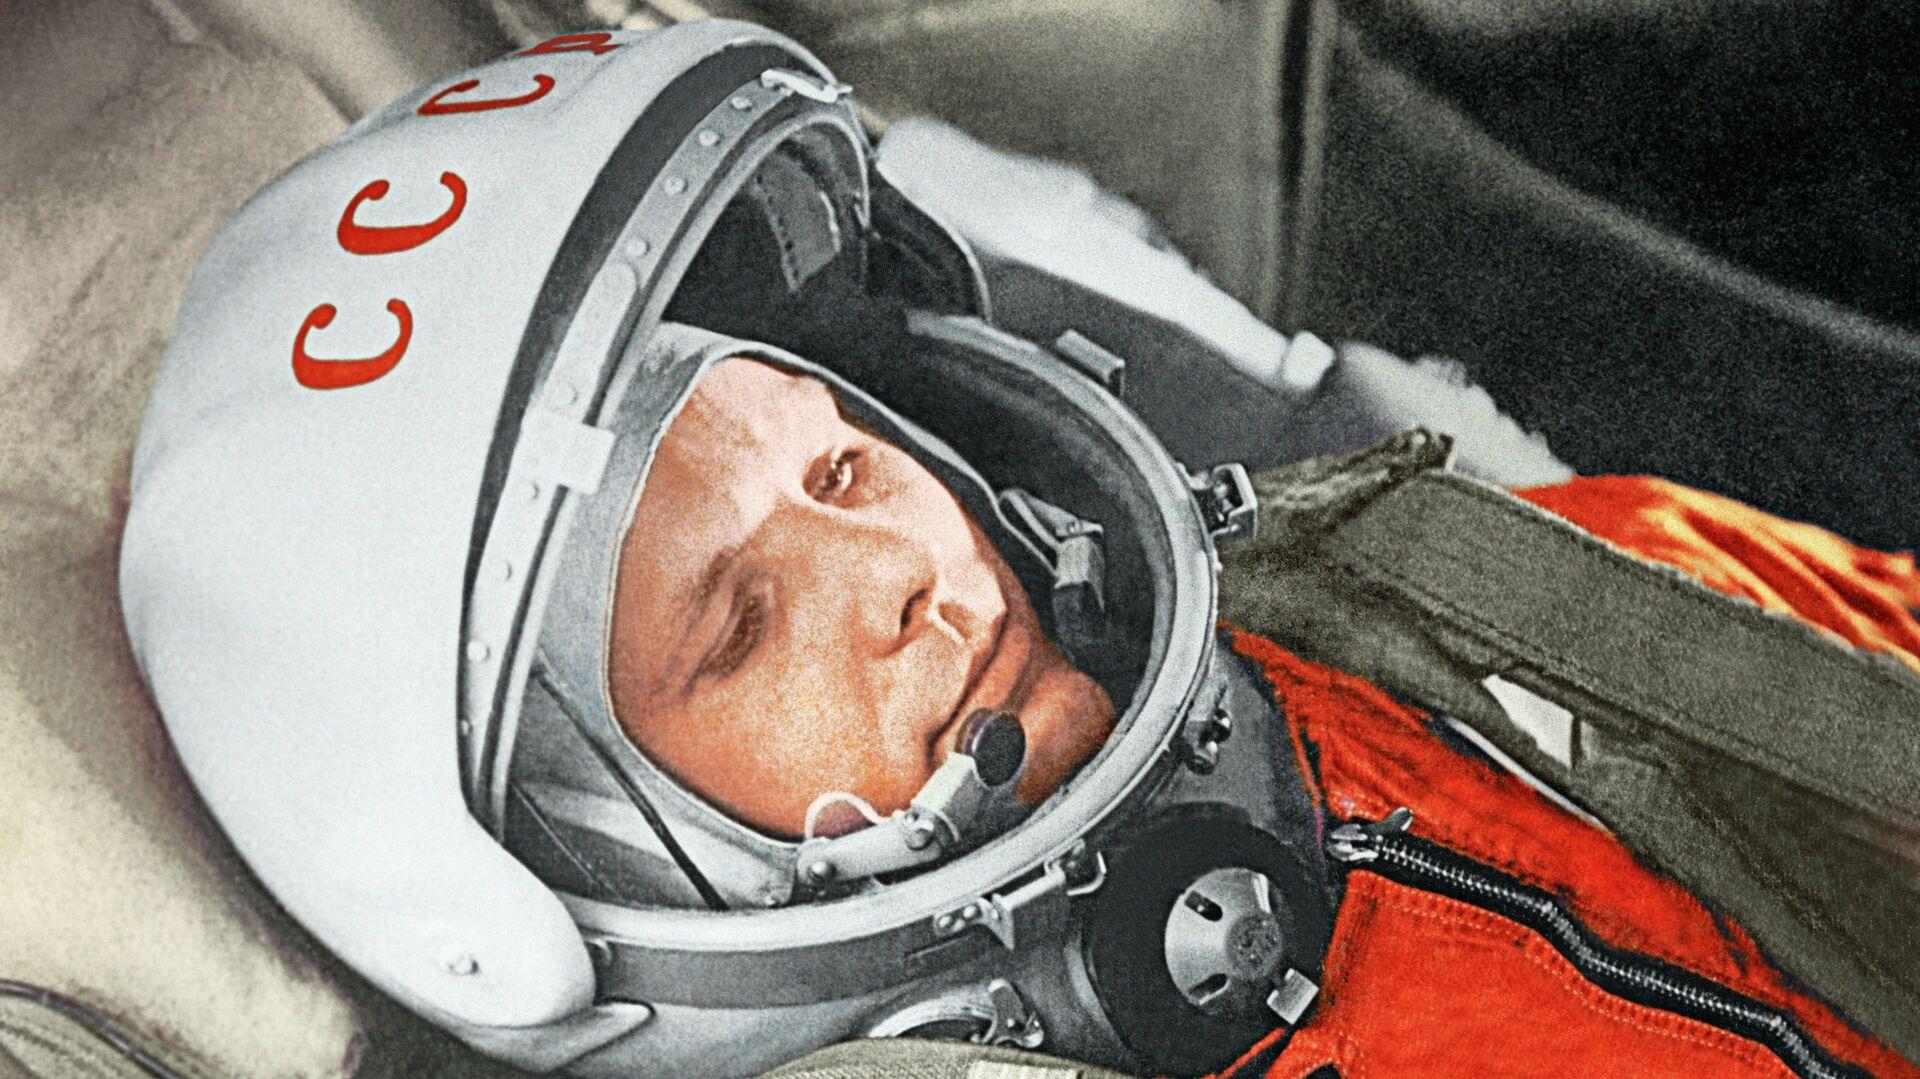 Yuri Gagarin, Gagarin, justo antes de ser el primer humano en alcanzar el cosmos, 12 de abril de 1961 - Sputnik Mundo, 1920, 12.04.2021